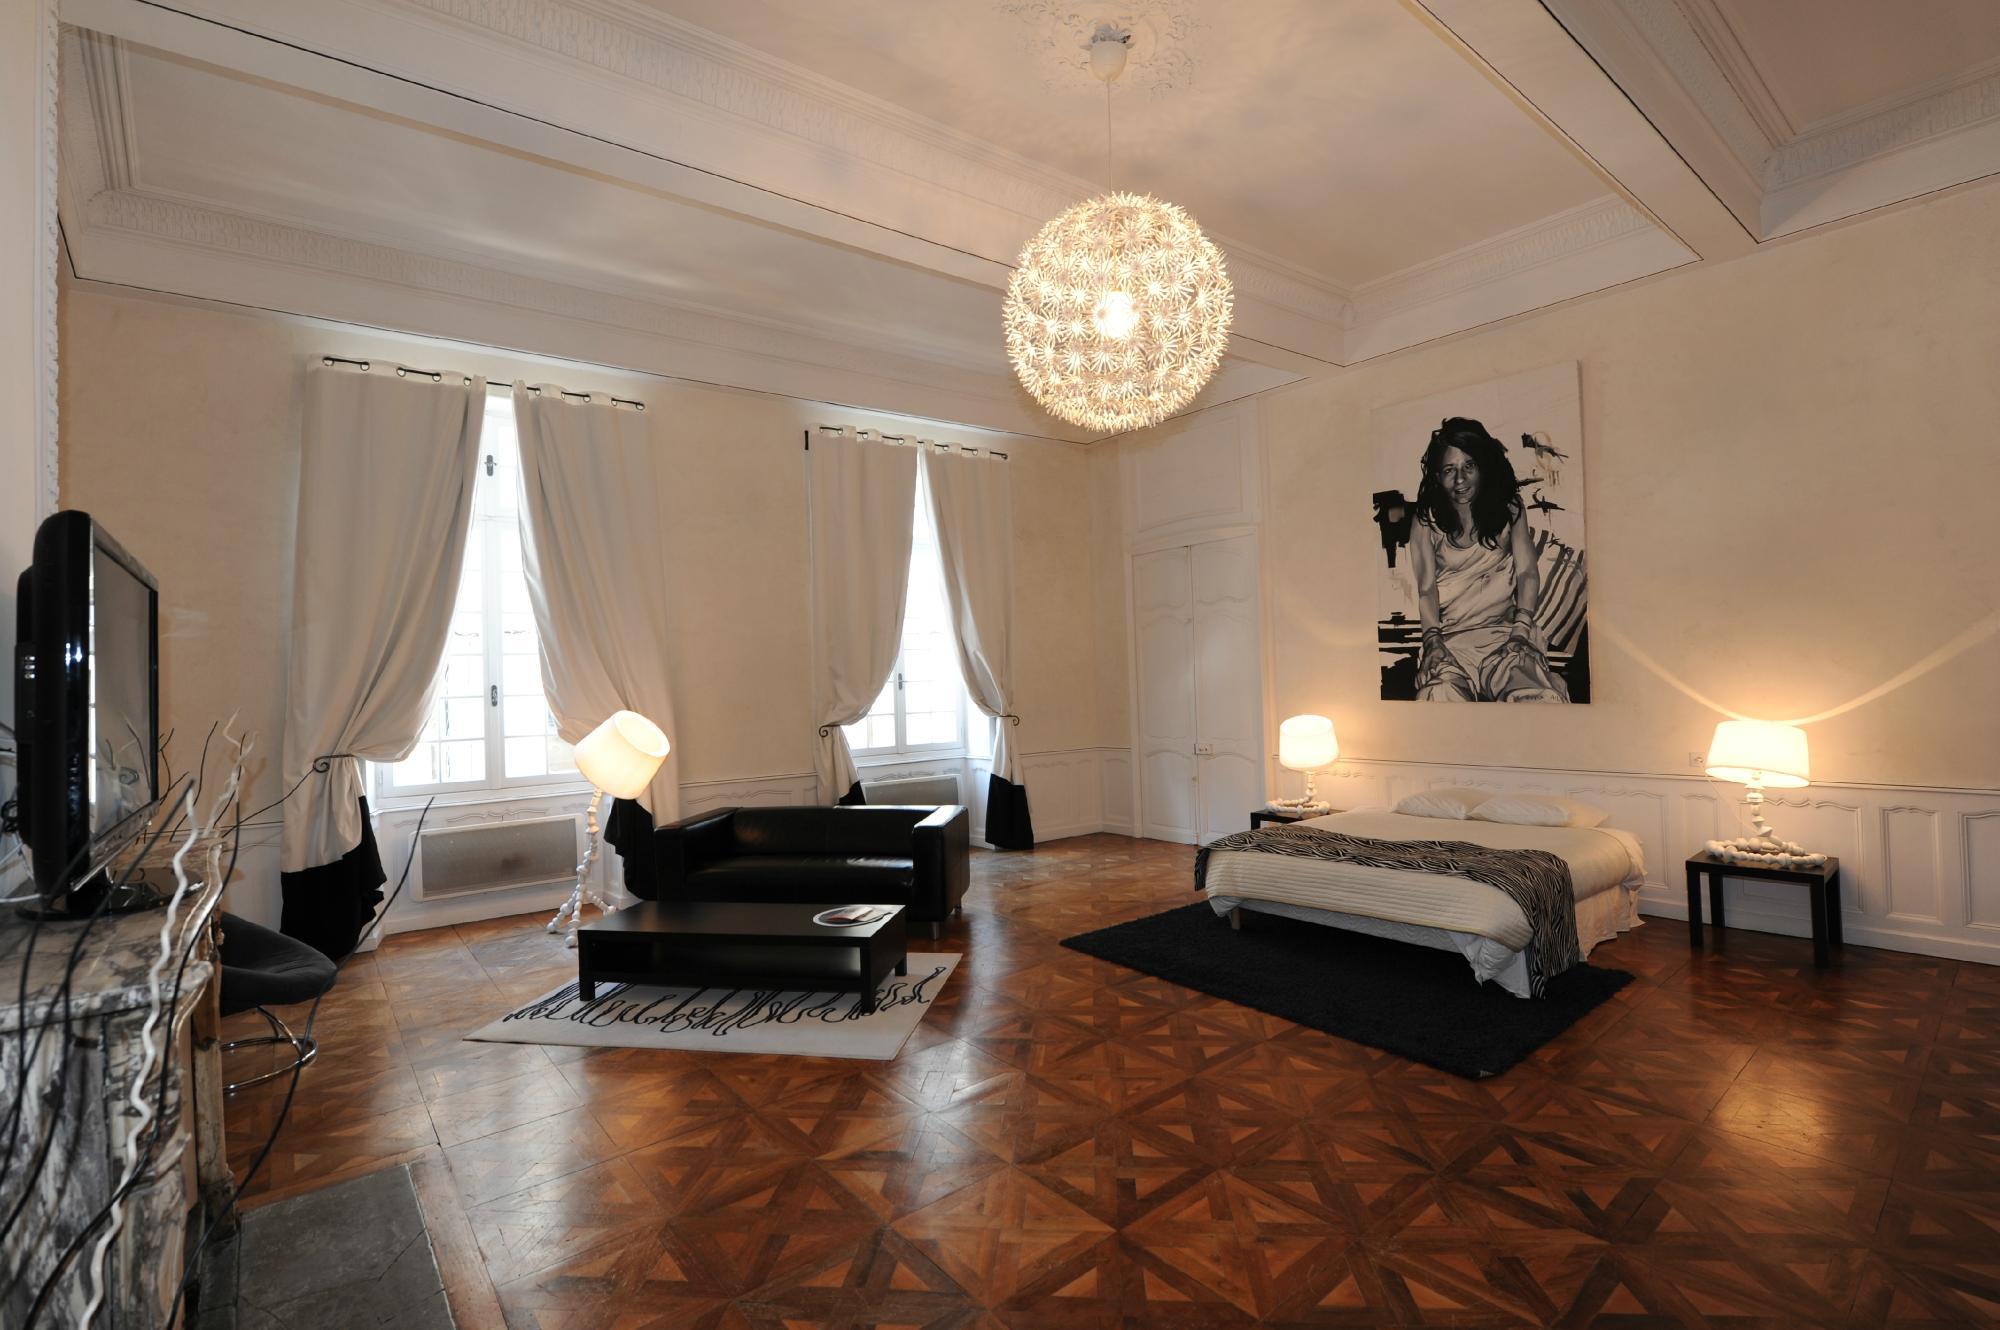 Residence Hotel de Bressac